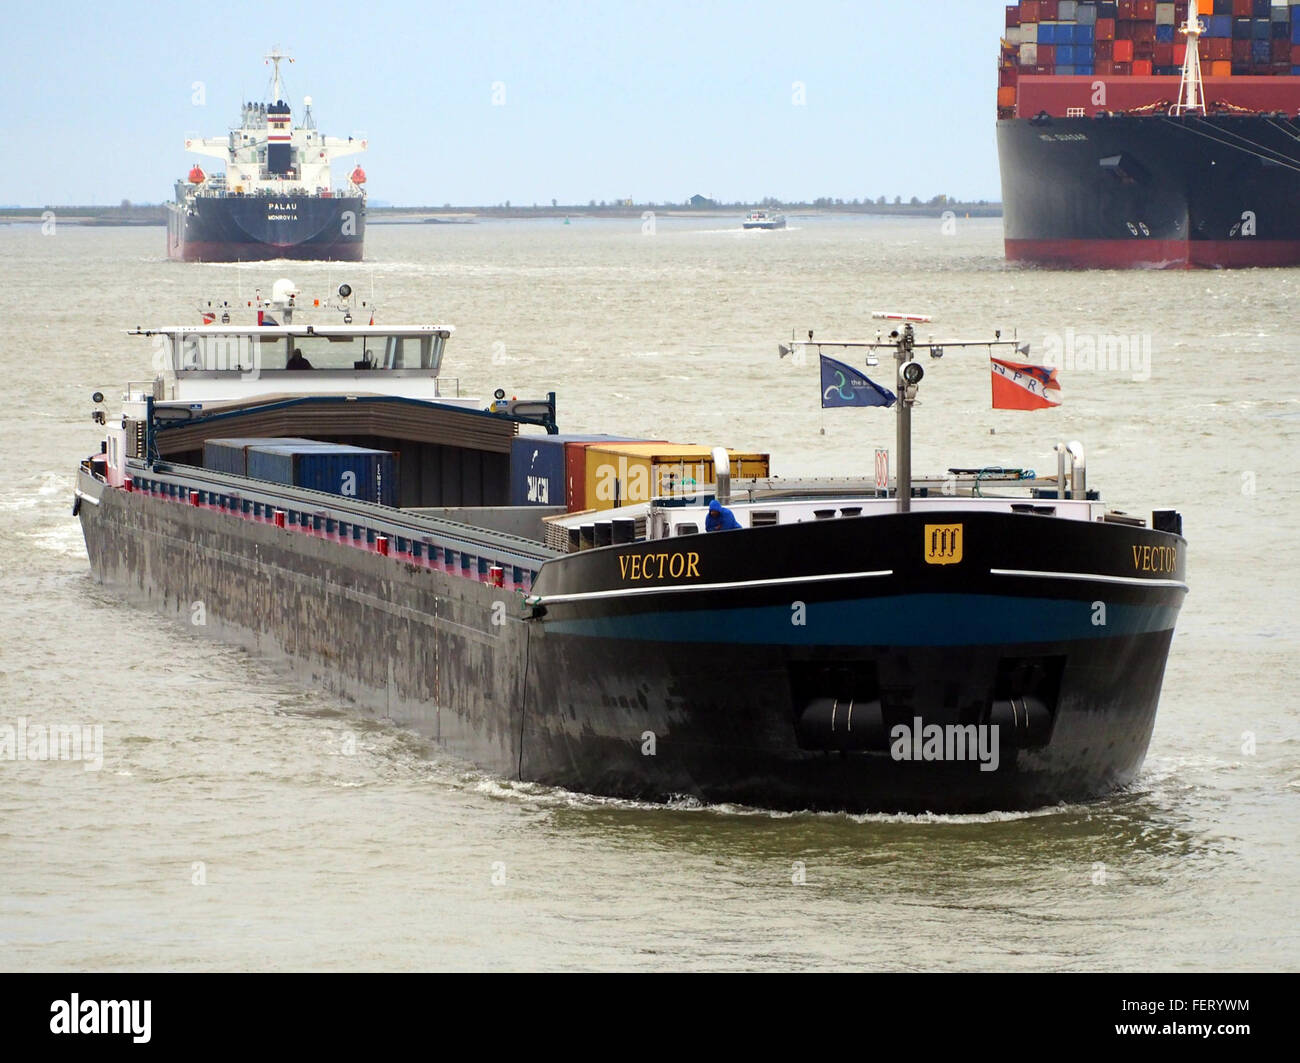 Vektor (Schiff, 2008), ENI 02331015 Hafen von Antwerpen pic1 Stockbild